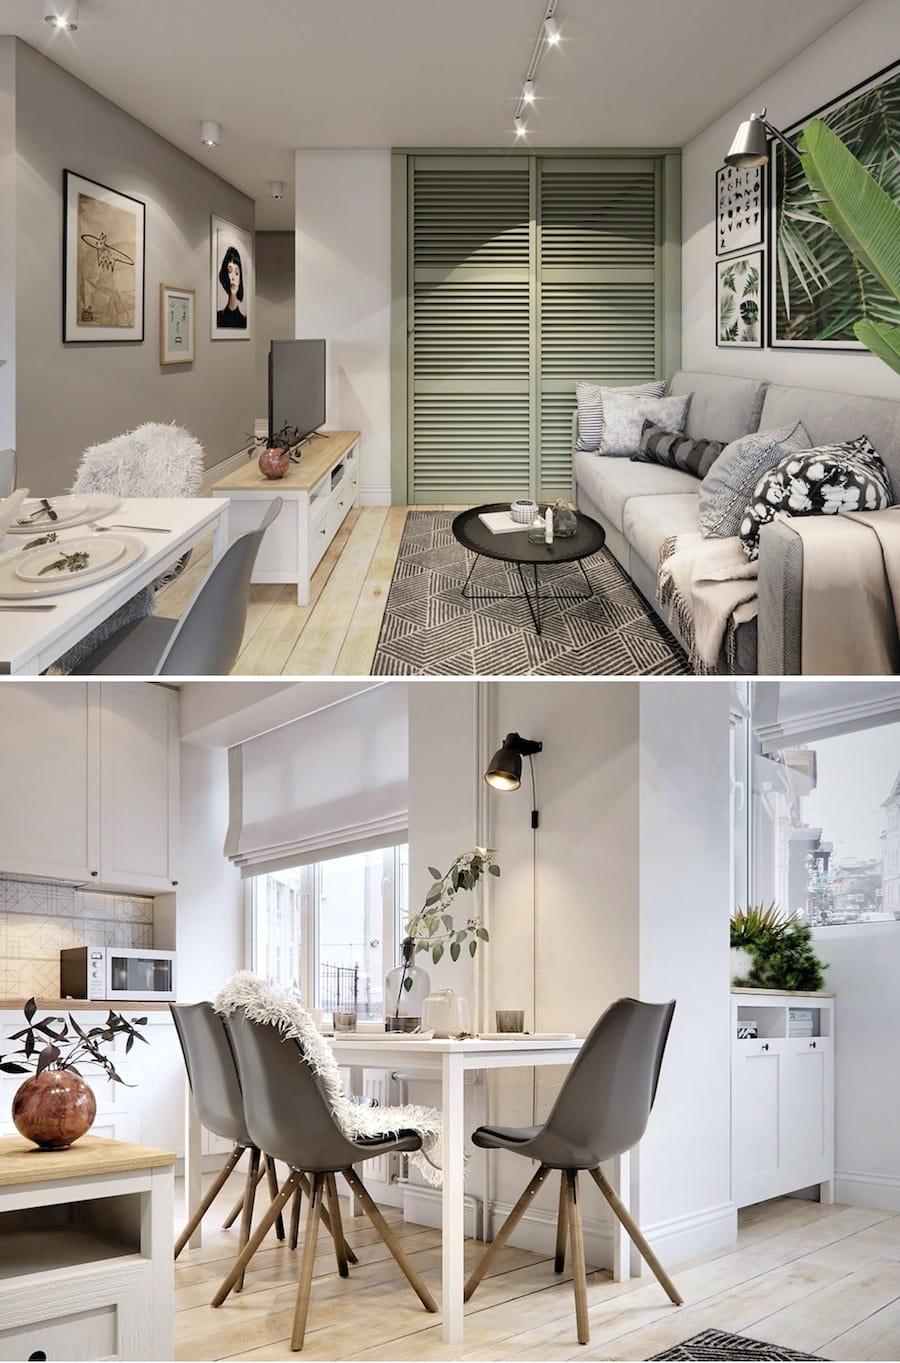 conception d'un petit appartement photo 27